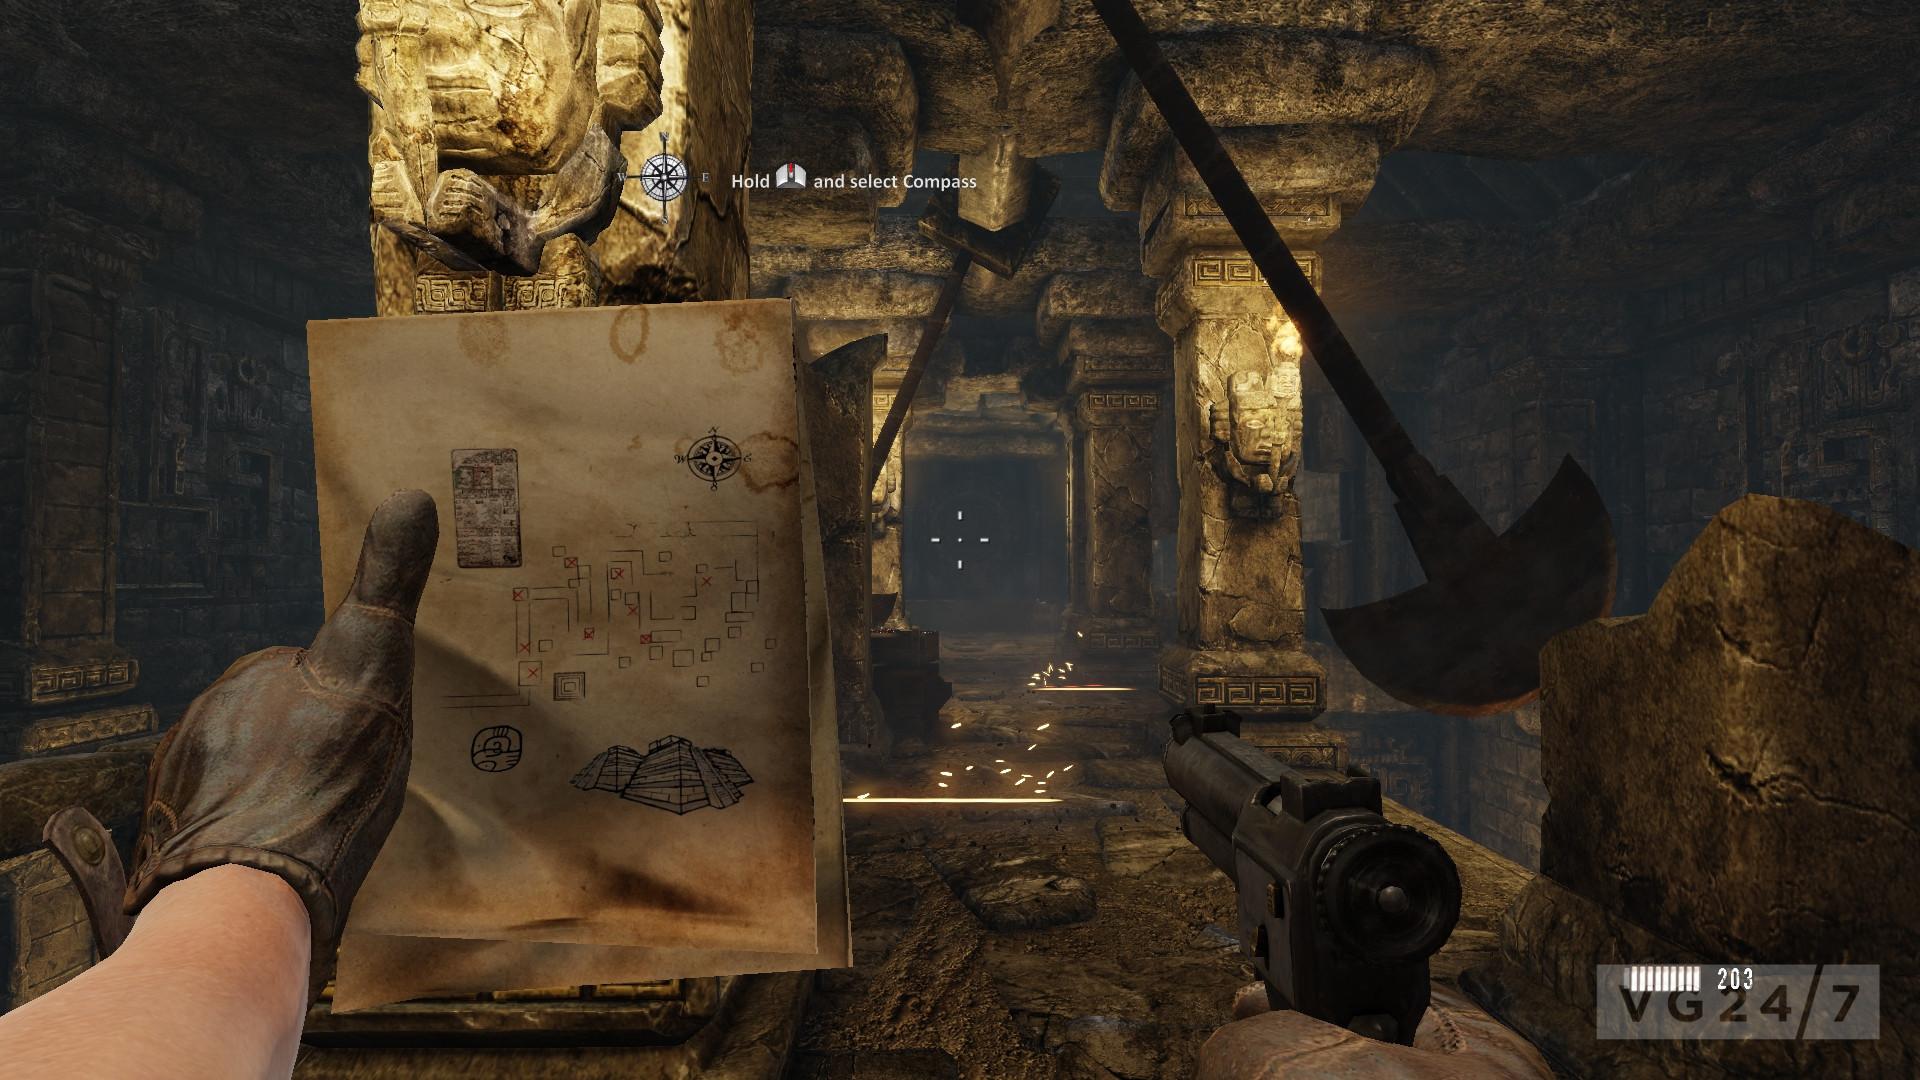 Pubg Wallpaper Guns Deadfall Adventures Screens Show Gunplay Puzzles Amp Tombs